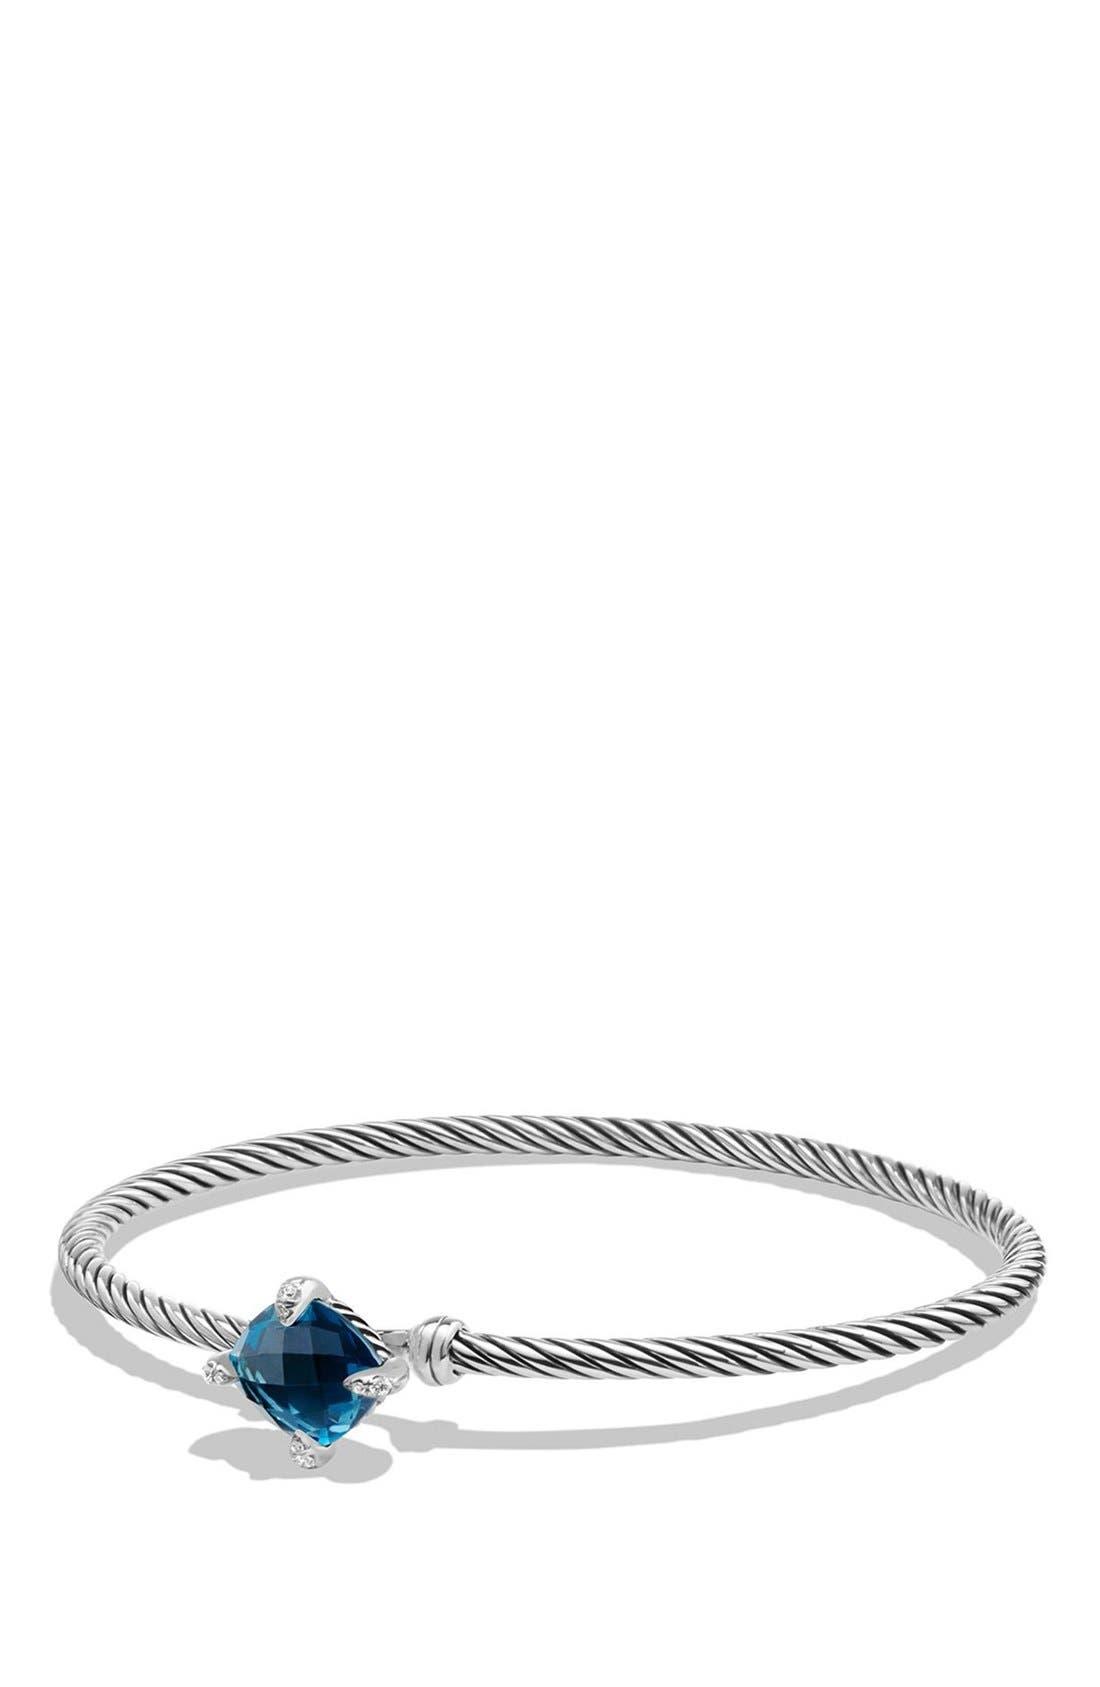 'Châtelaine' Bracelet with Diamonds,                             Main thumbnail 1, color,                             SILVER/ HAMPTON BLUE TOPAZ